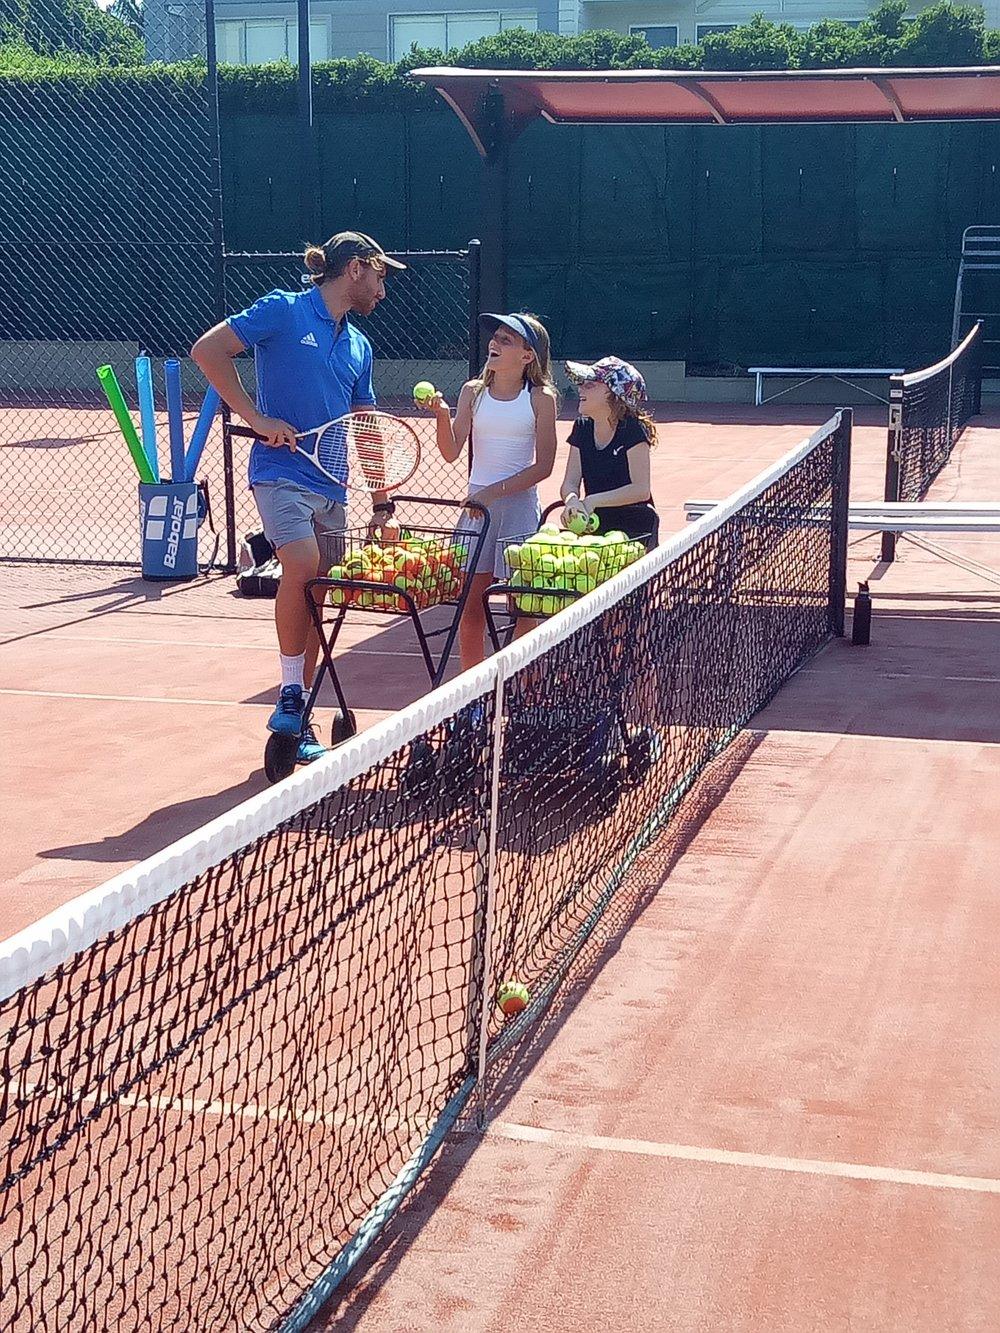 Images Tennis.jpg